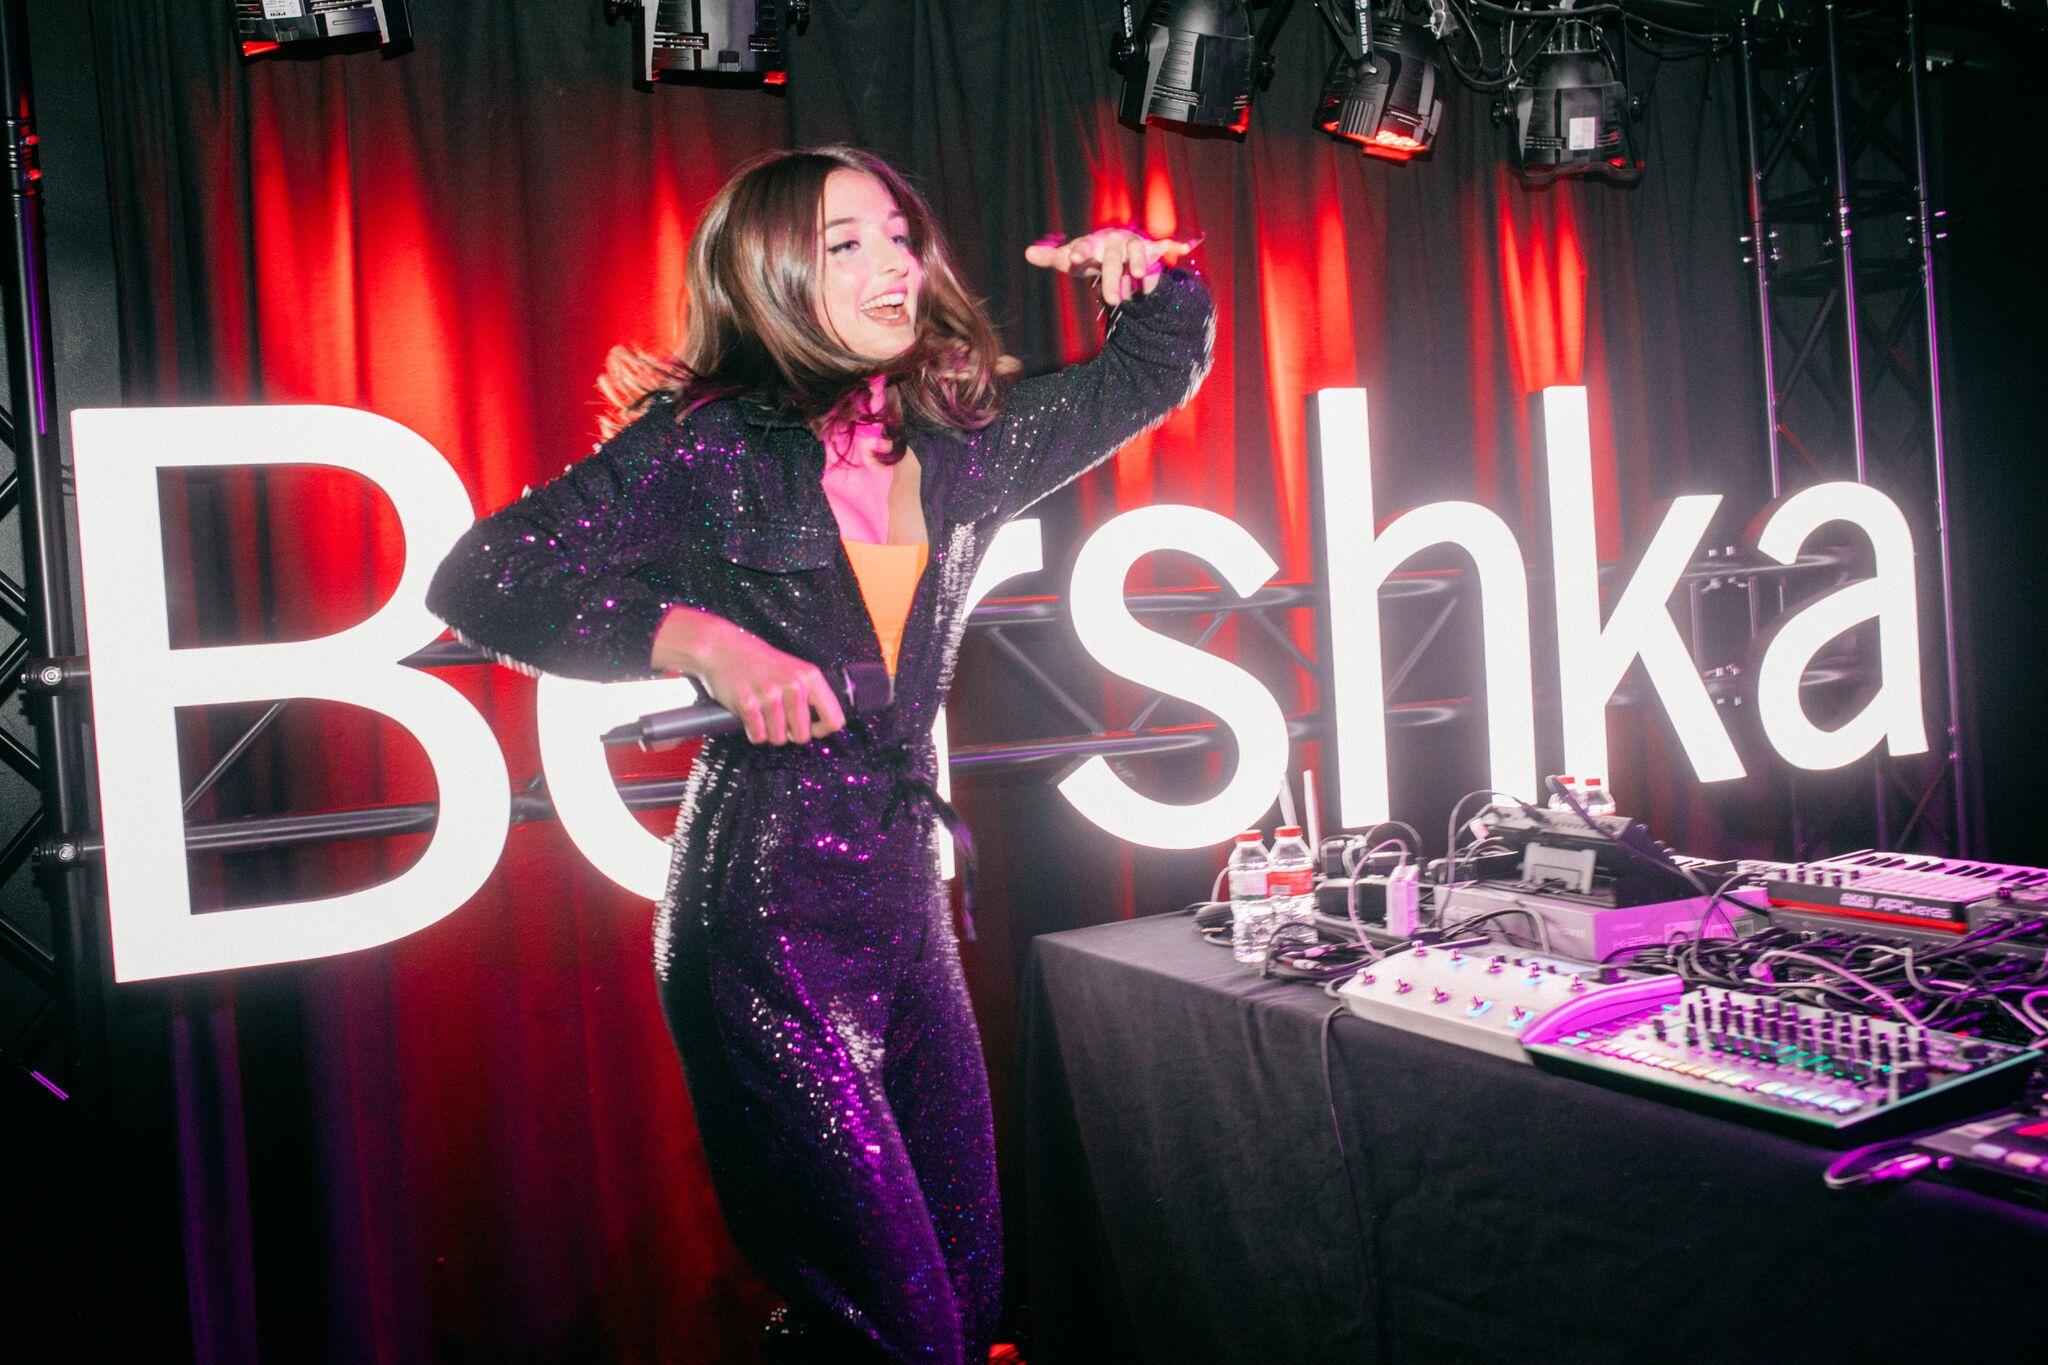 La nueva colección de Bershka 'The Stars Came Out' nos lleva de vuelta a los 80